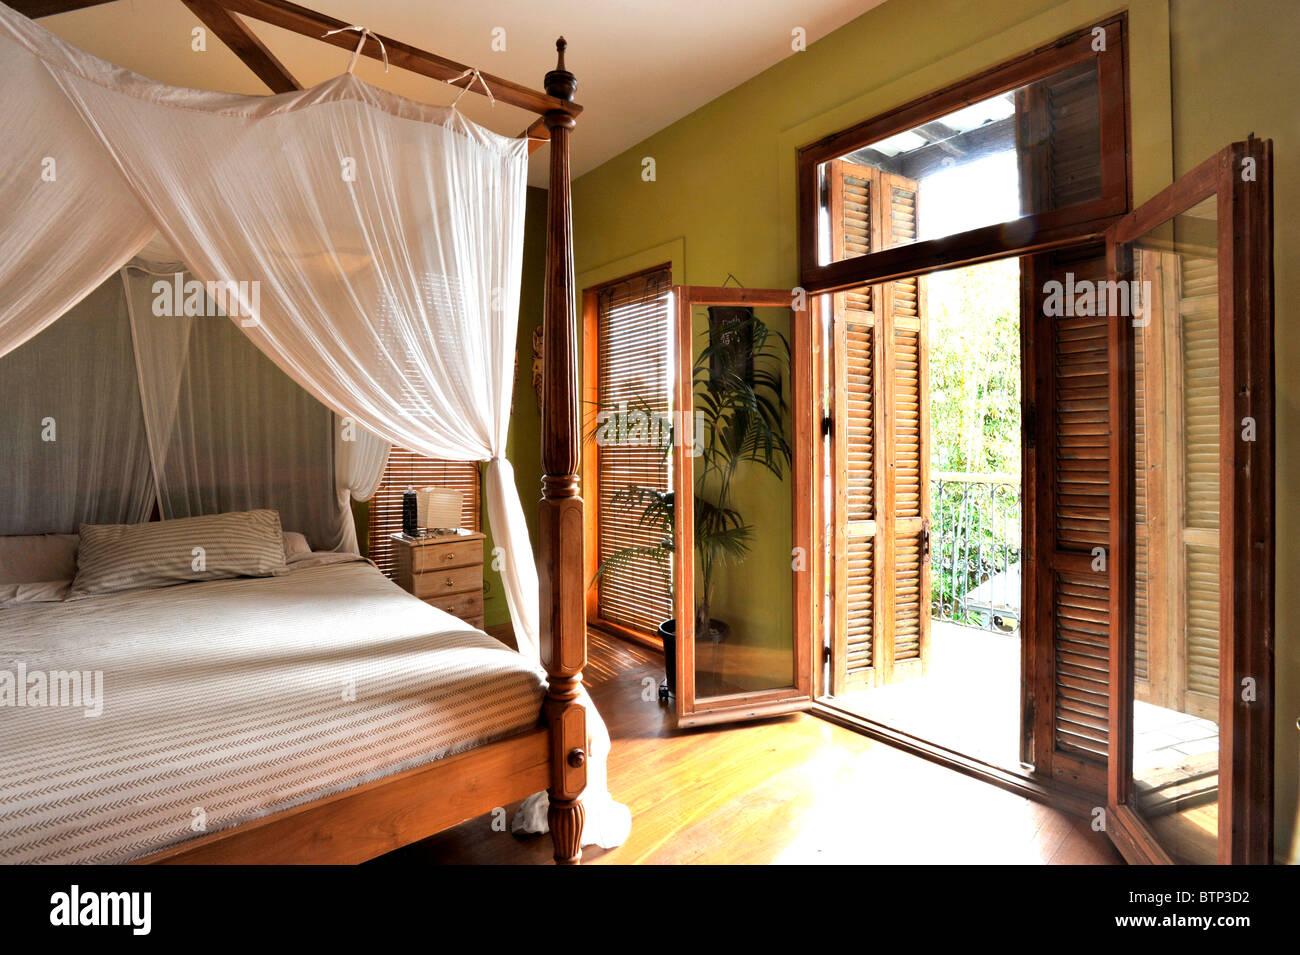 Zanzariera Da Letto : Camera da letto tropicale con zanzariera e persiane di legno foto